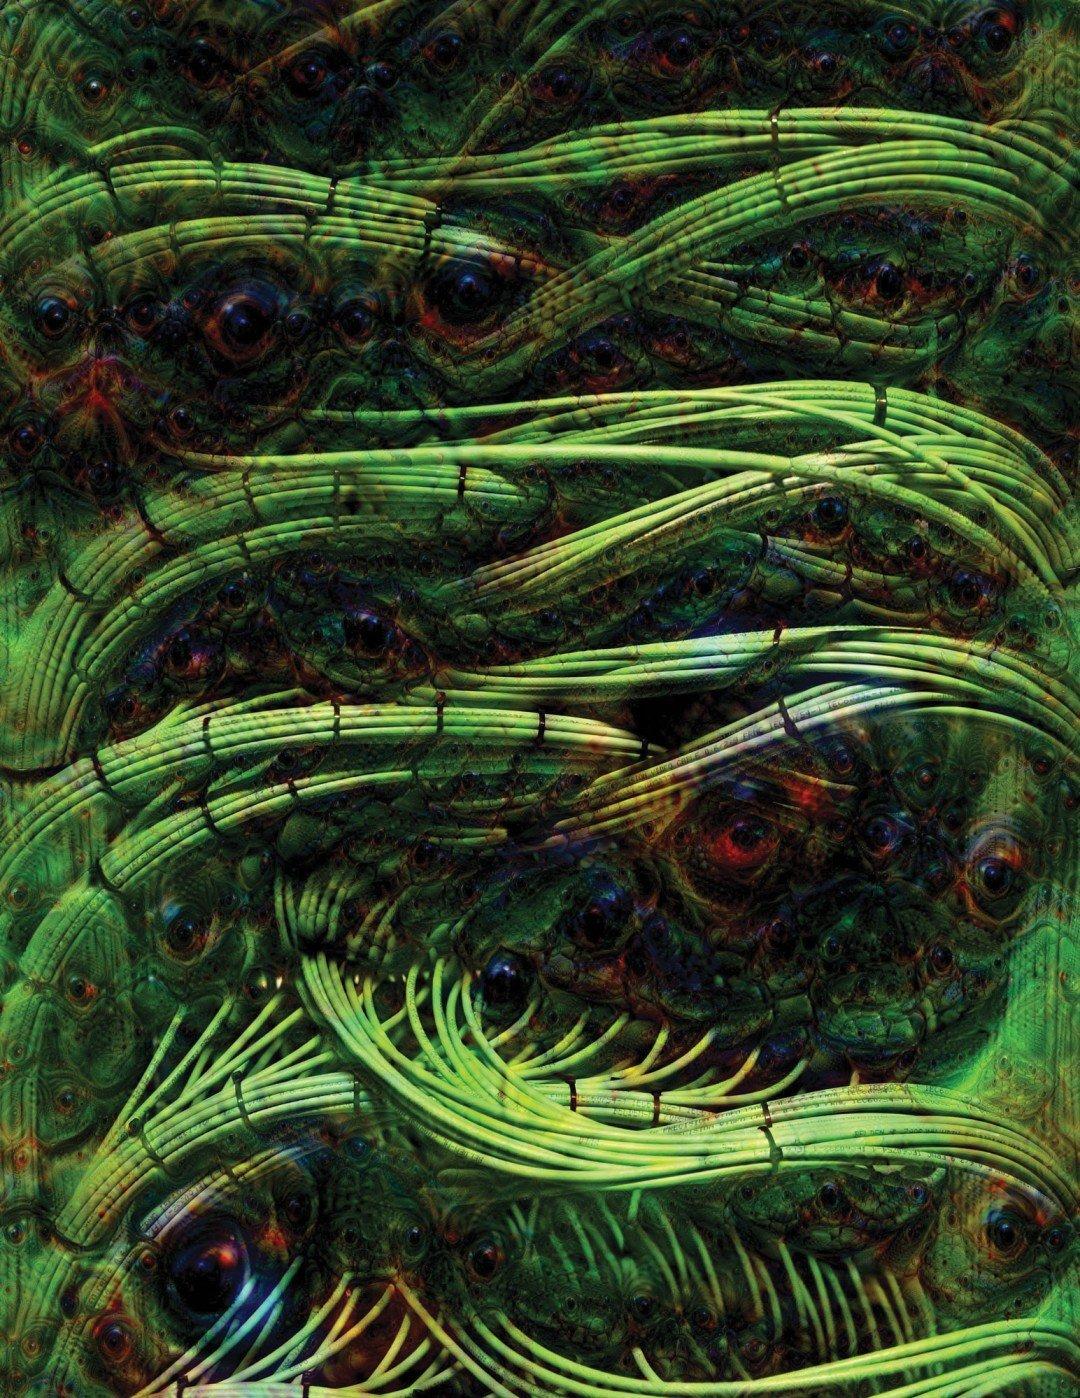 Основная проблема искусственного интеллекта в том, что никто до конца не понимает, как он работает - 2